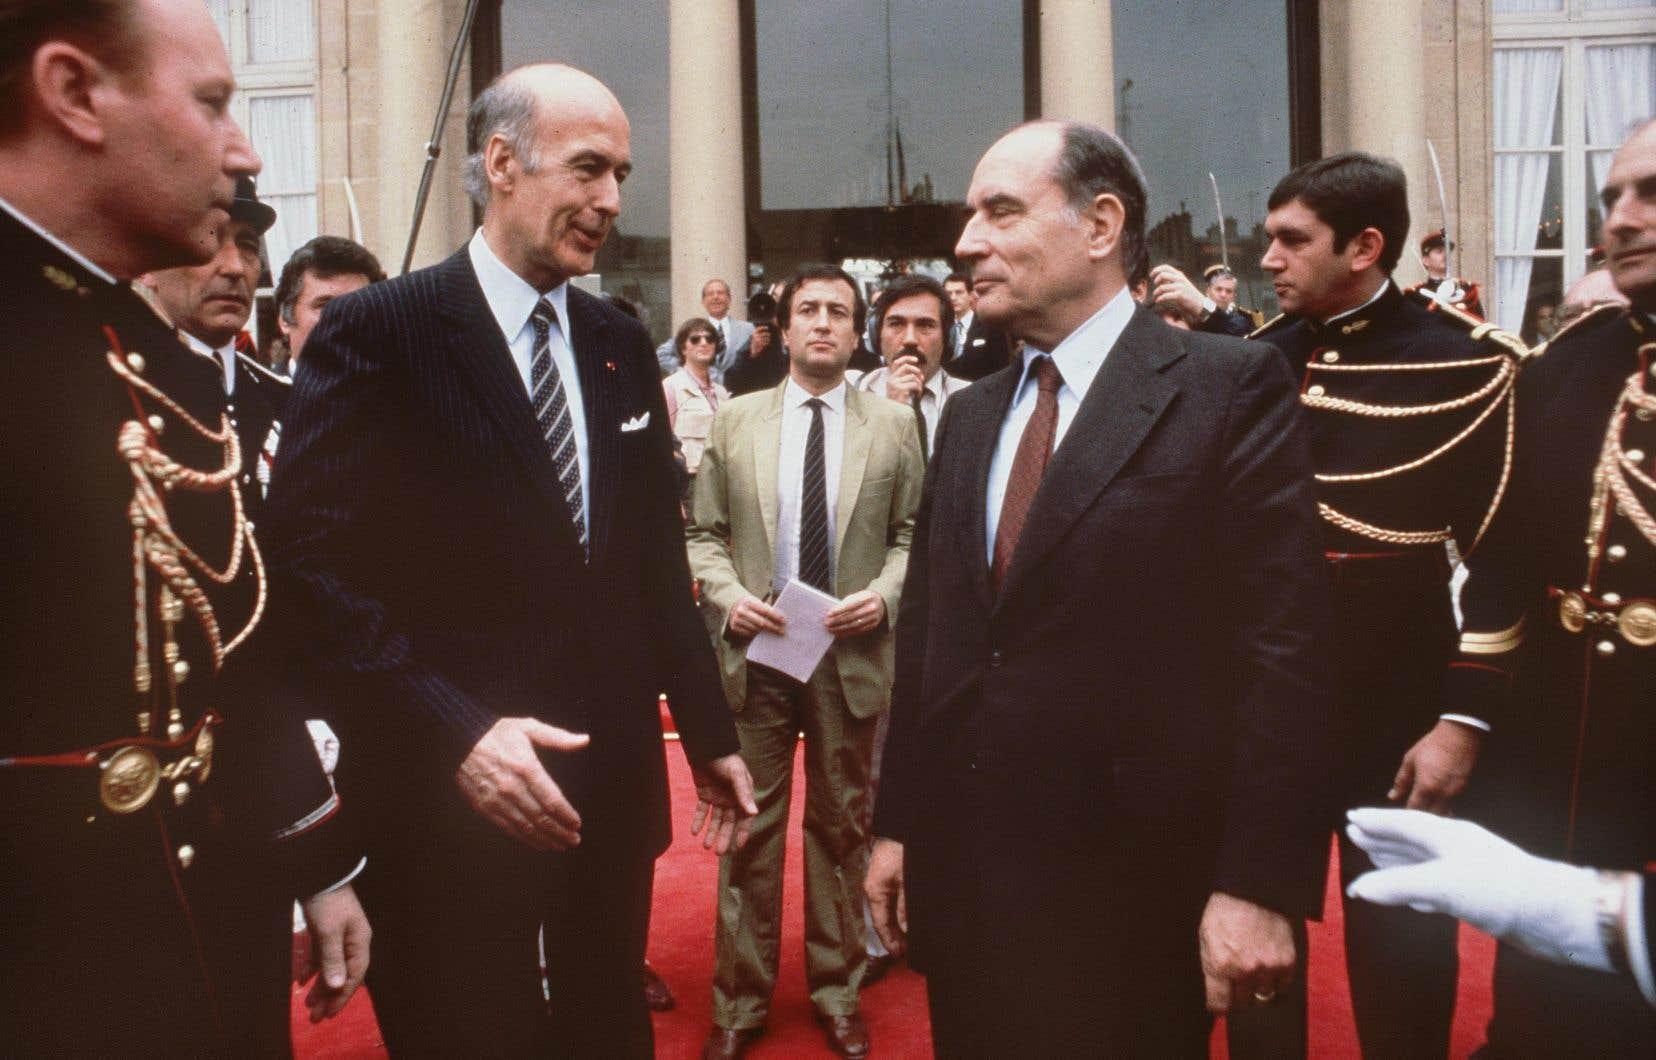 L'ancien président français Valery Giscard d'Estaing (à gauche) s'apprête à serrer la main de son successeur François Mitterrand avant de quitter définitivement l'Élysée après le transfert du pouvoir, le 21 mai 1981.